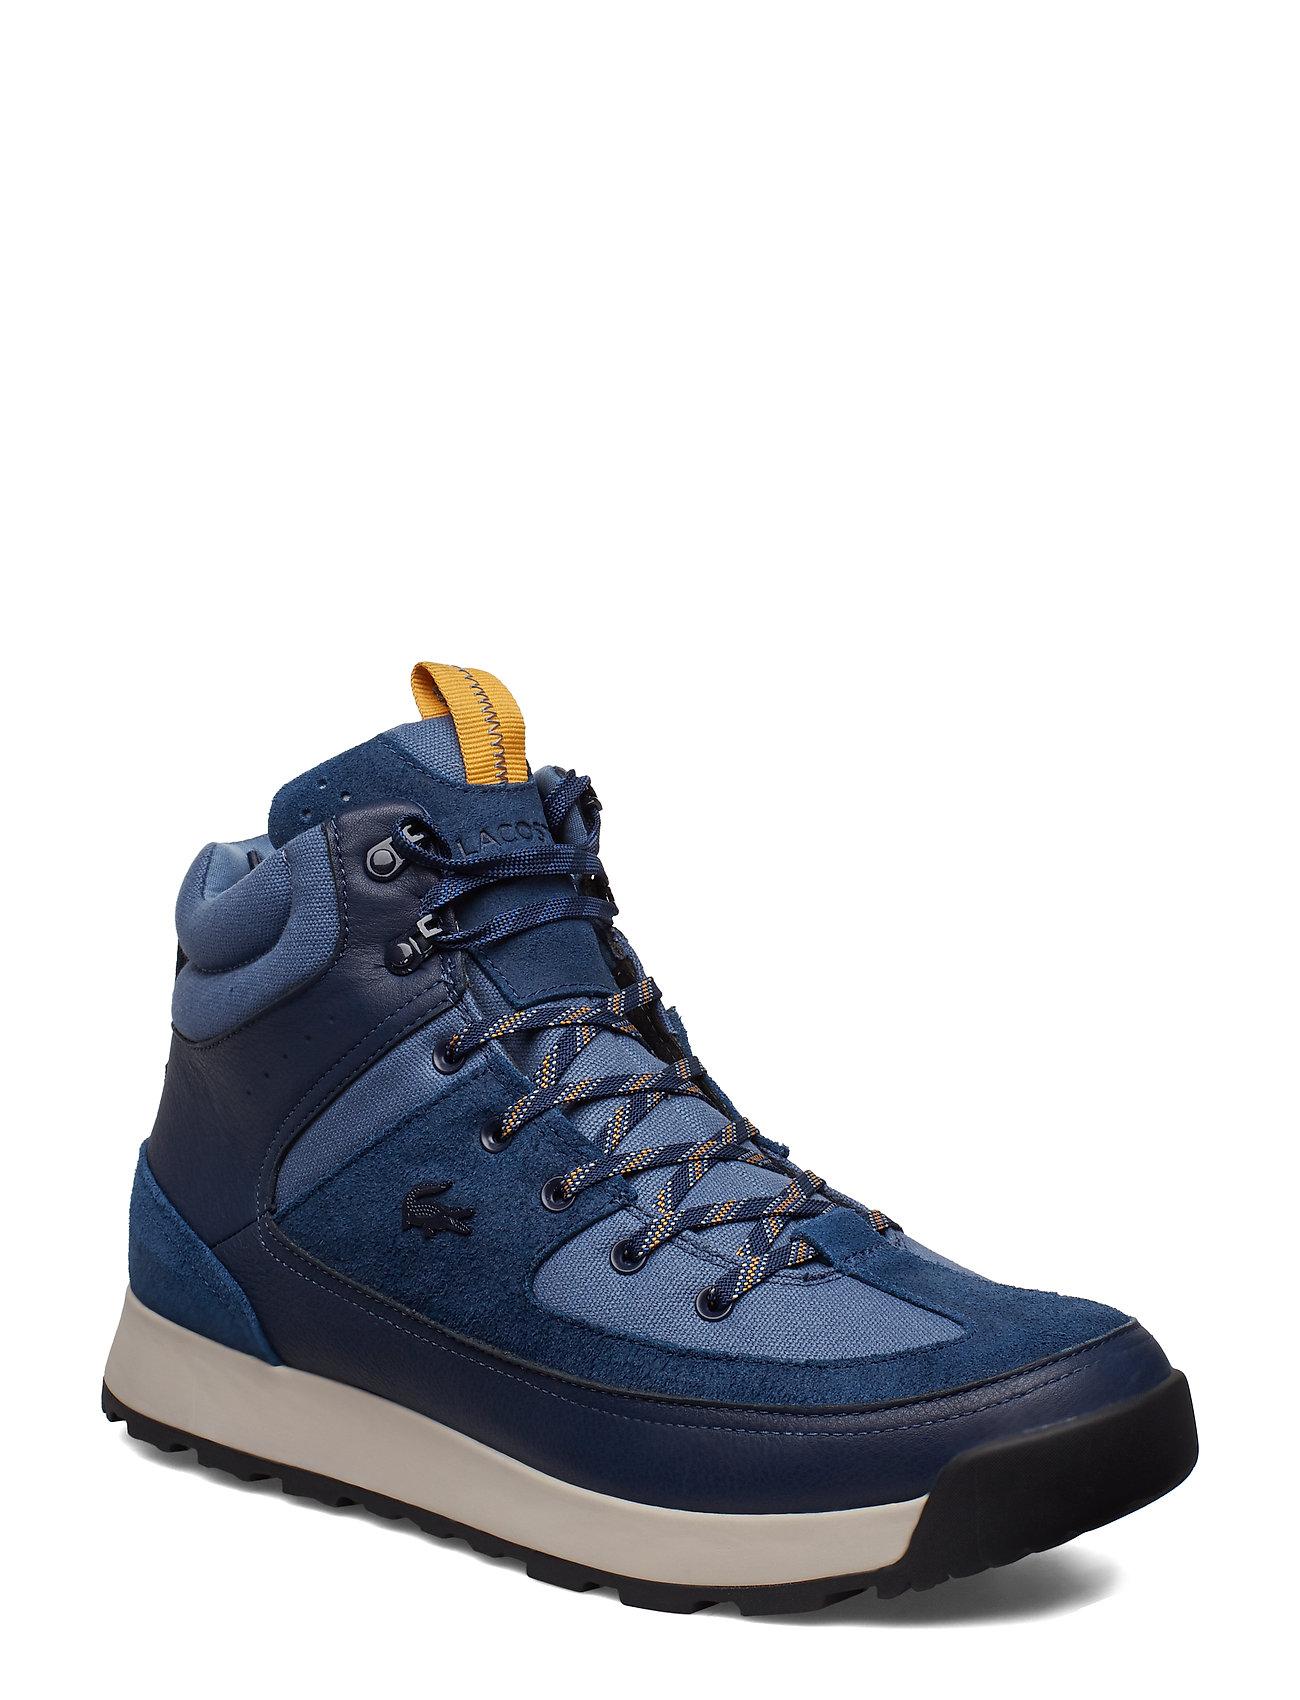 LACOSTE Urban Breaker3191cma Hohe Sneaker Blau LACOSTE SHOES